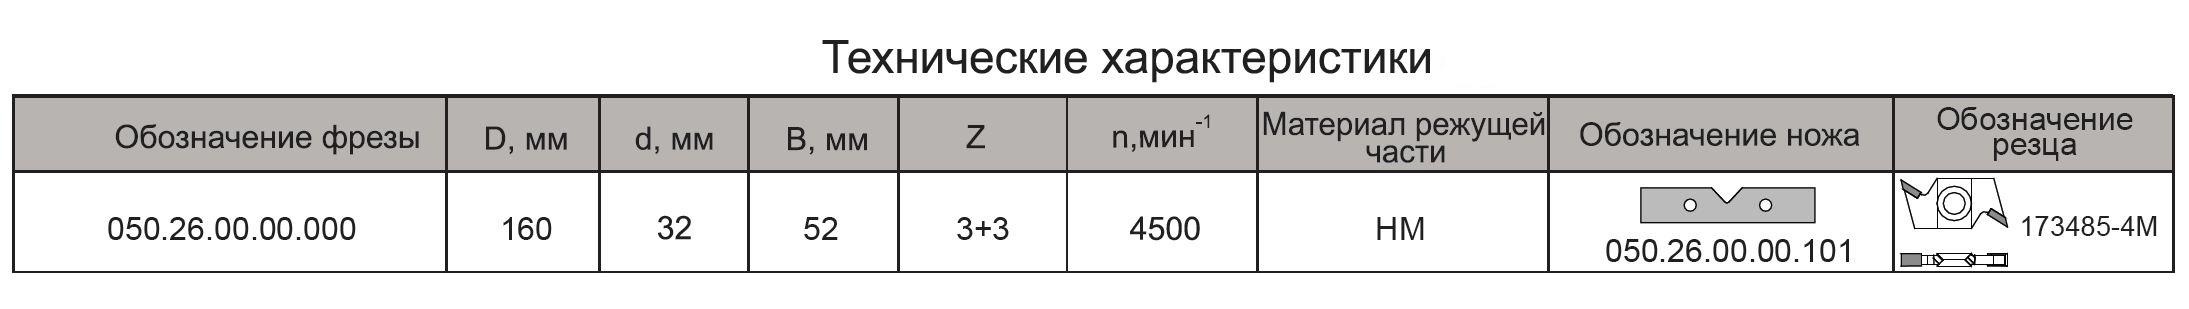 050.26.1JPG